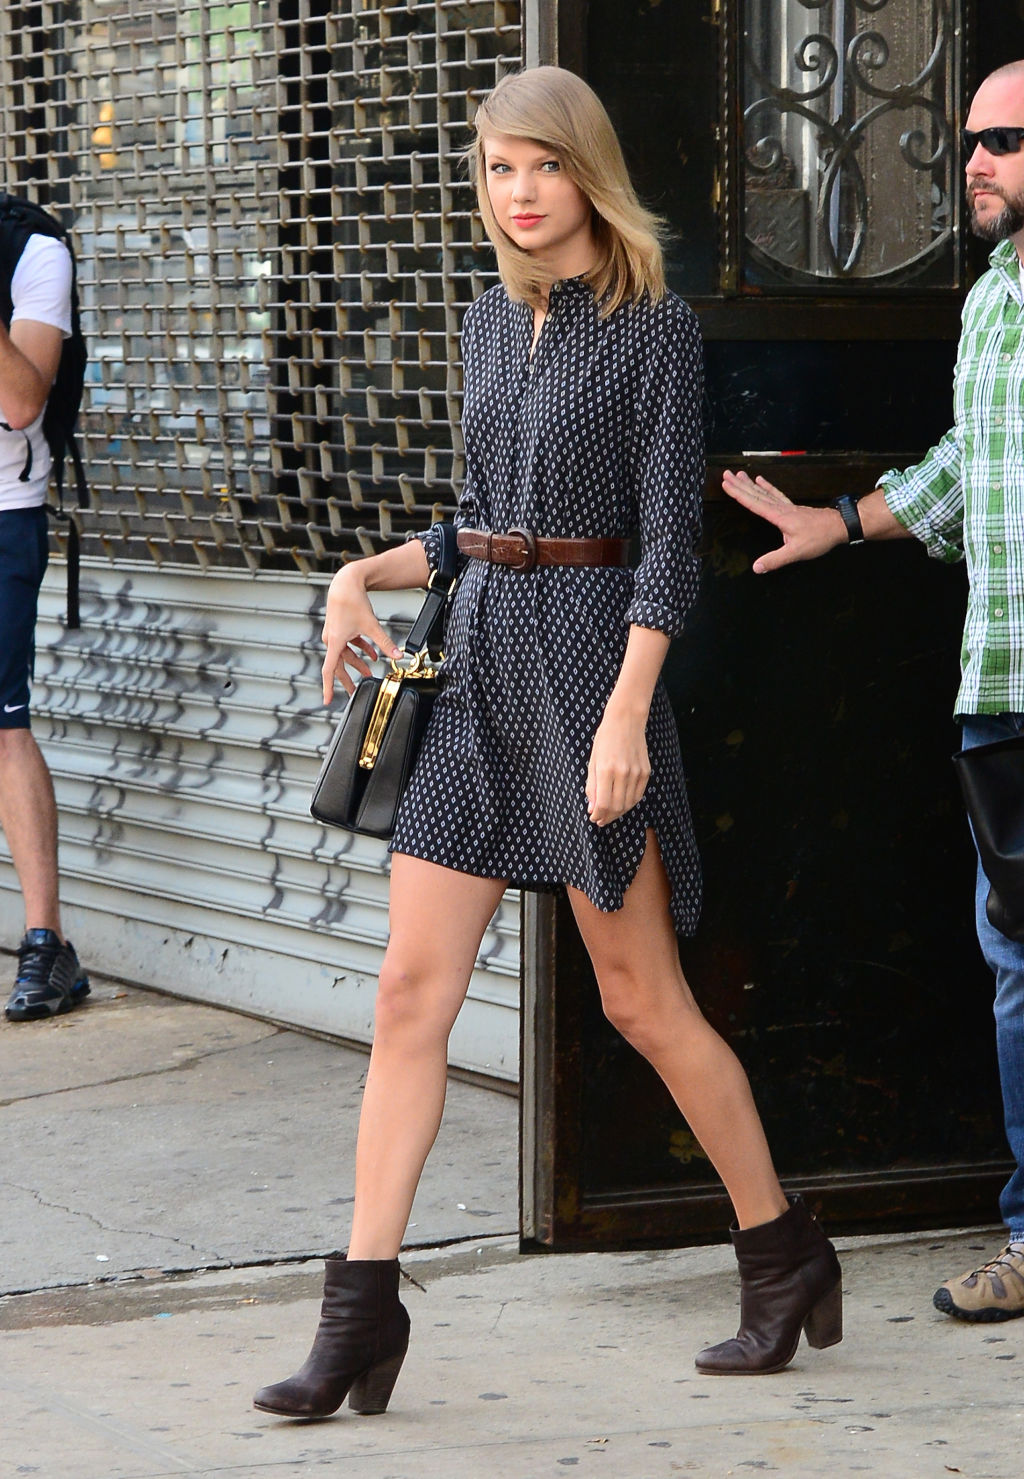 Ma non è tipo questo il vestito??